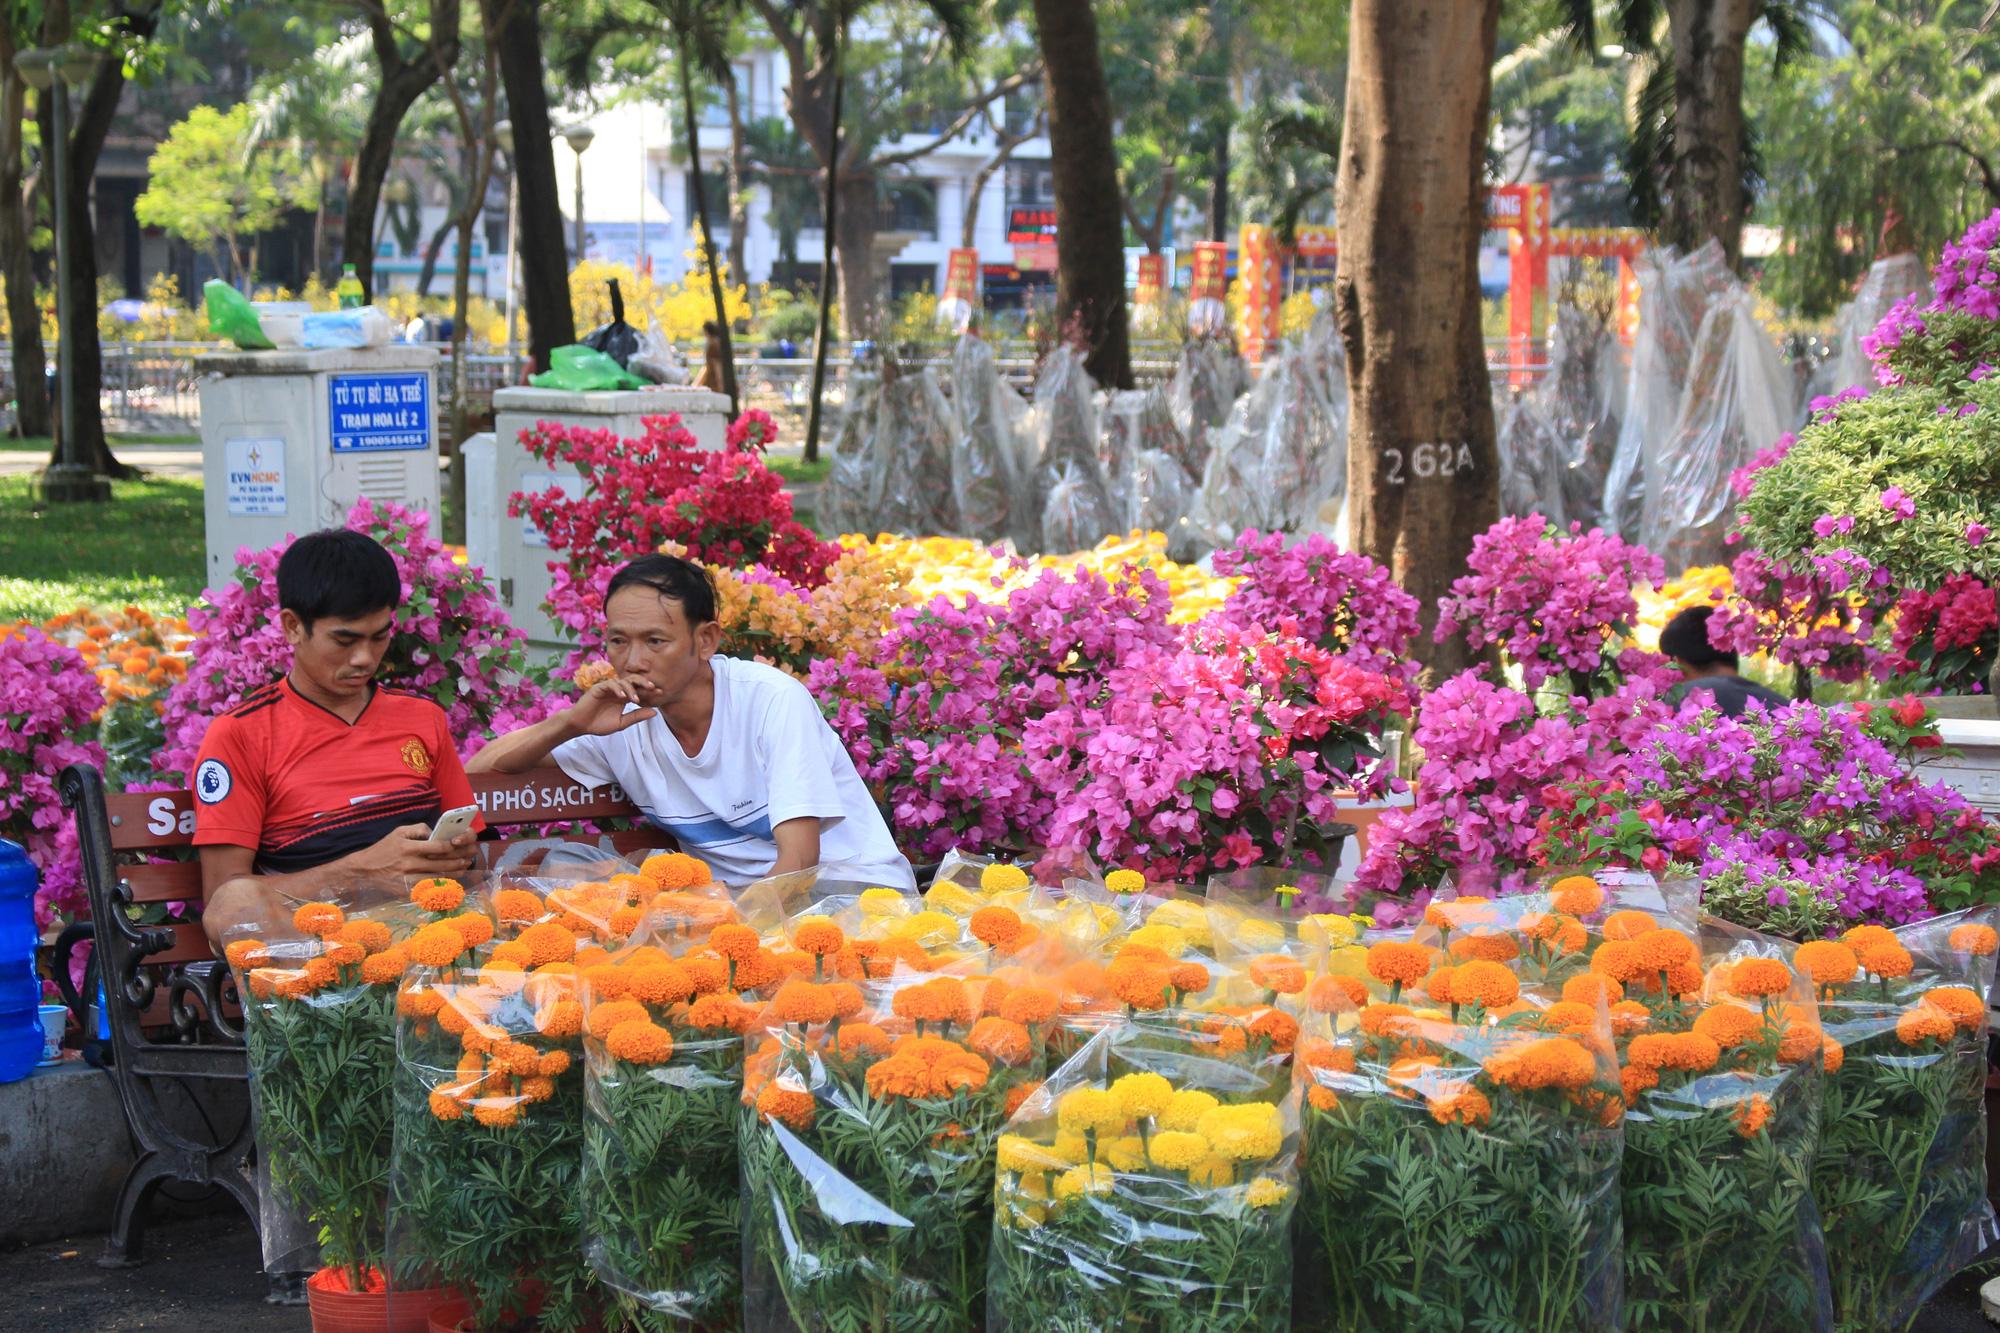 Mai, đào, tắc tiền triệu tại chợ hoa Sài Gòn ngóng người mua, có nhà vườn treo biển đồng giá 100.000 đồng mỗi chậu - Ảnh 2.